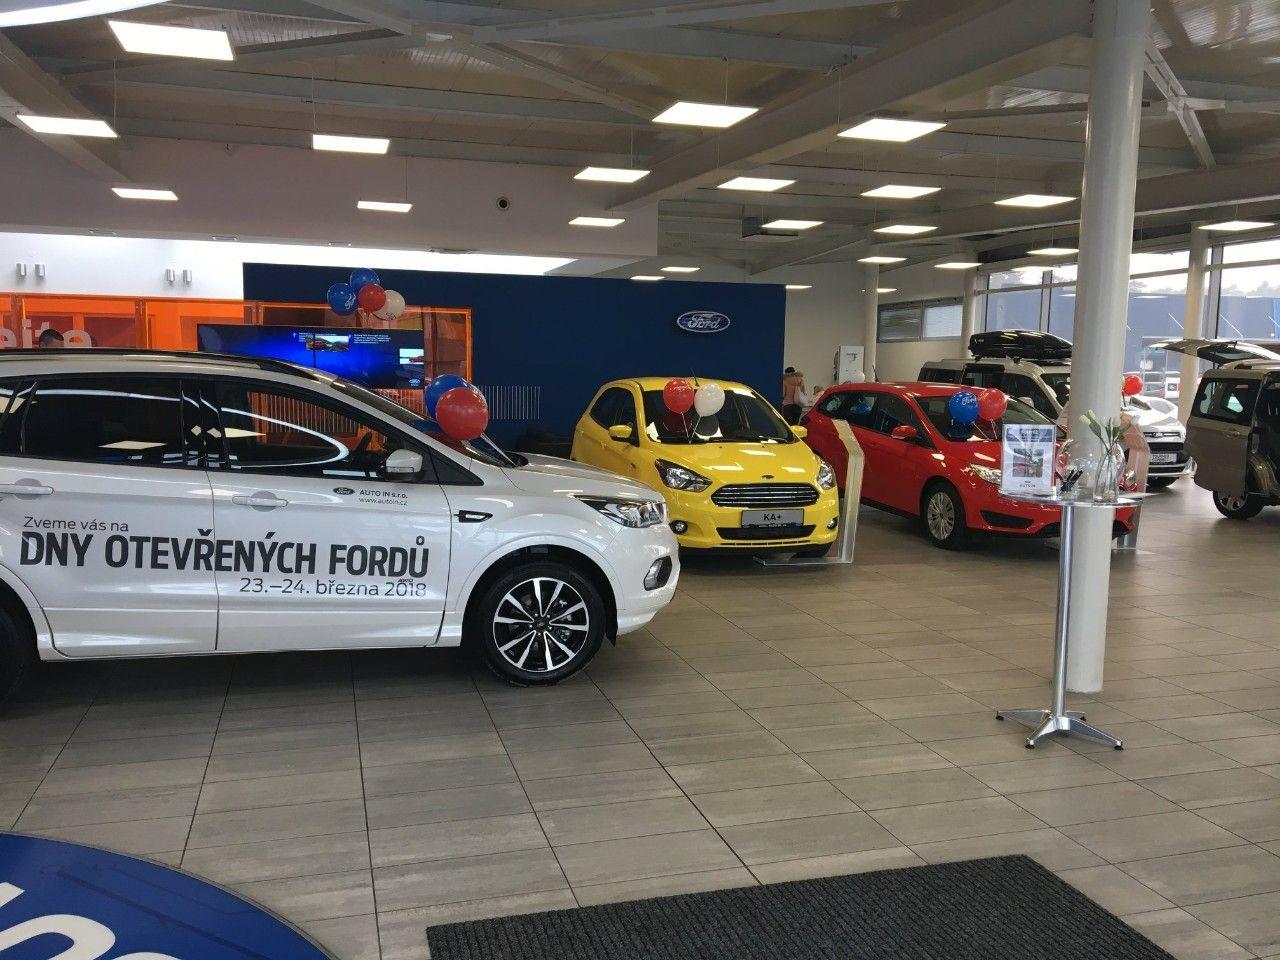 Dny otevřených Fordů - AUTO IN Pardubice